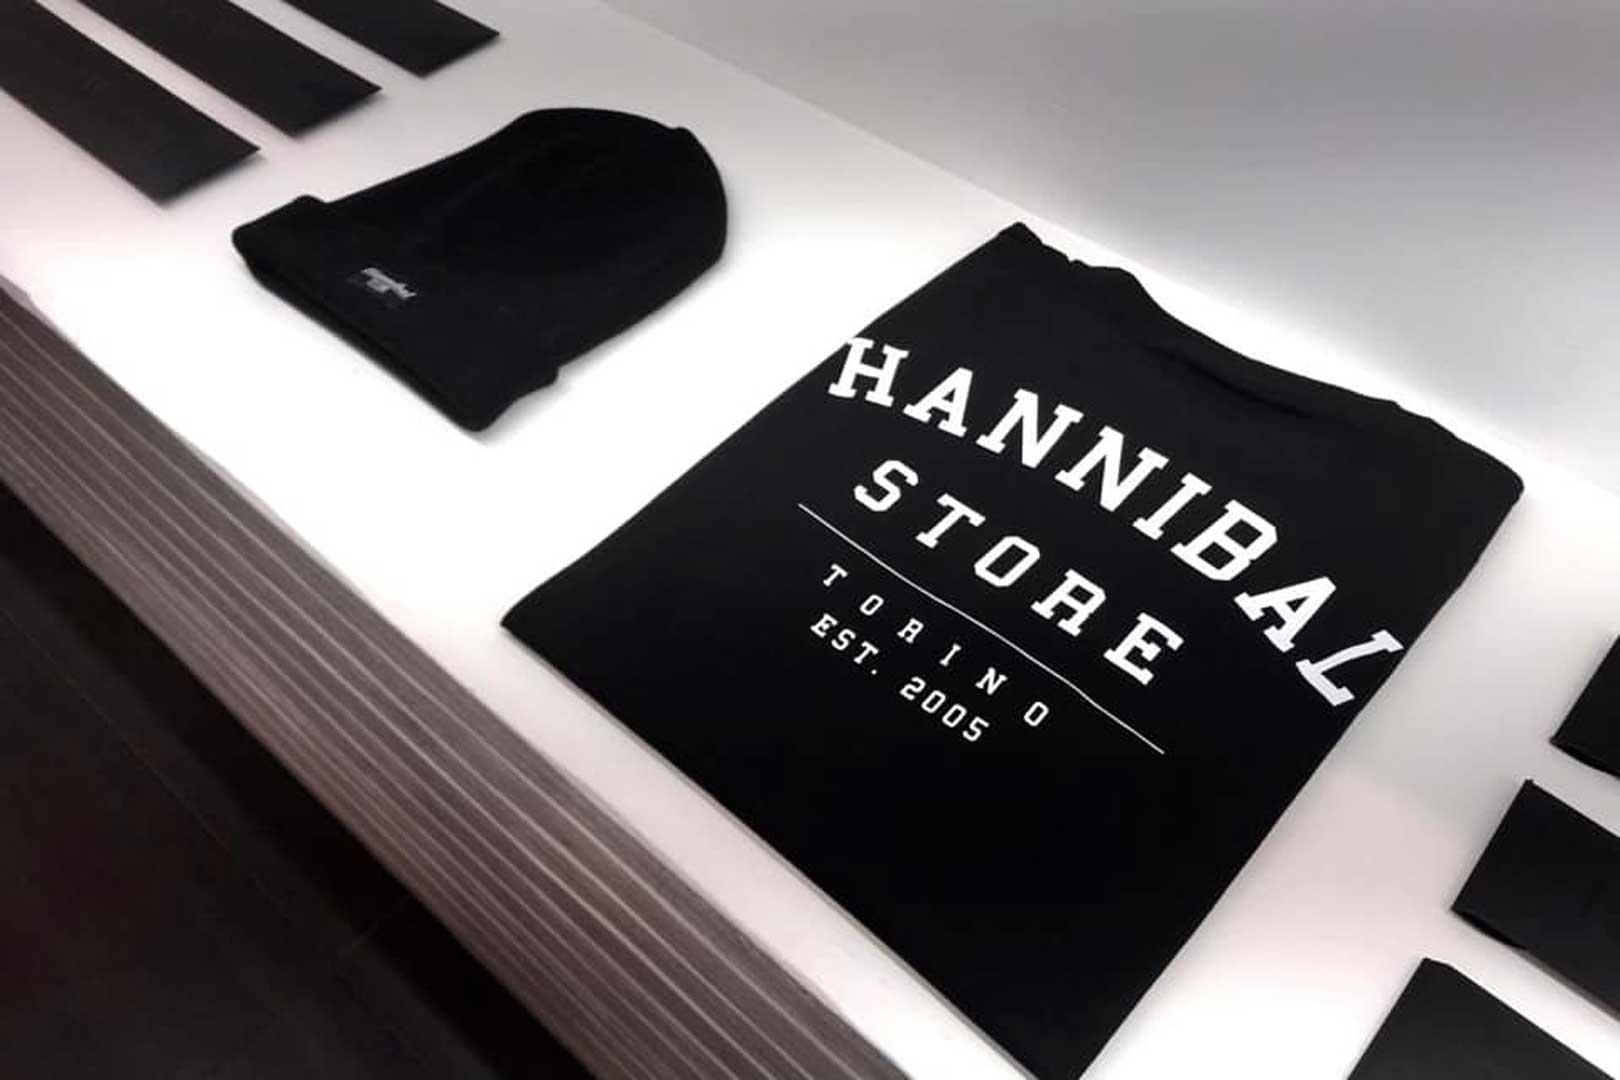 Hannibal Store - Torino